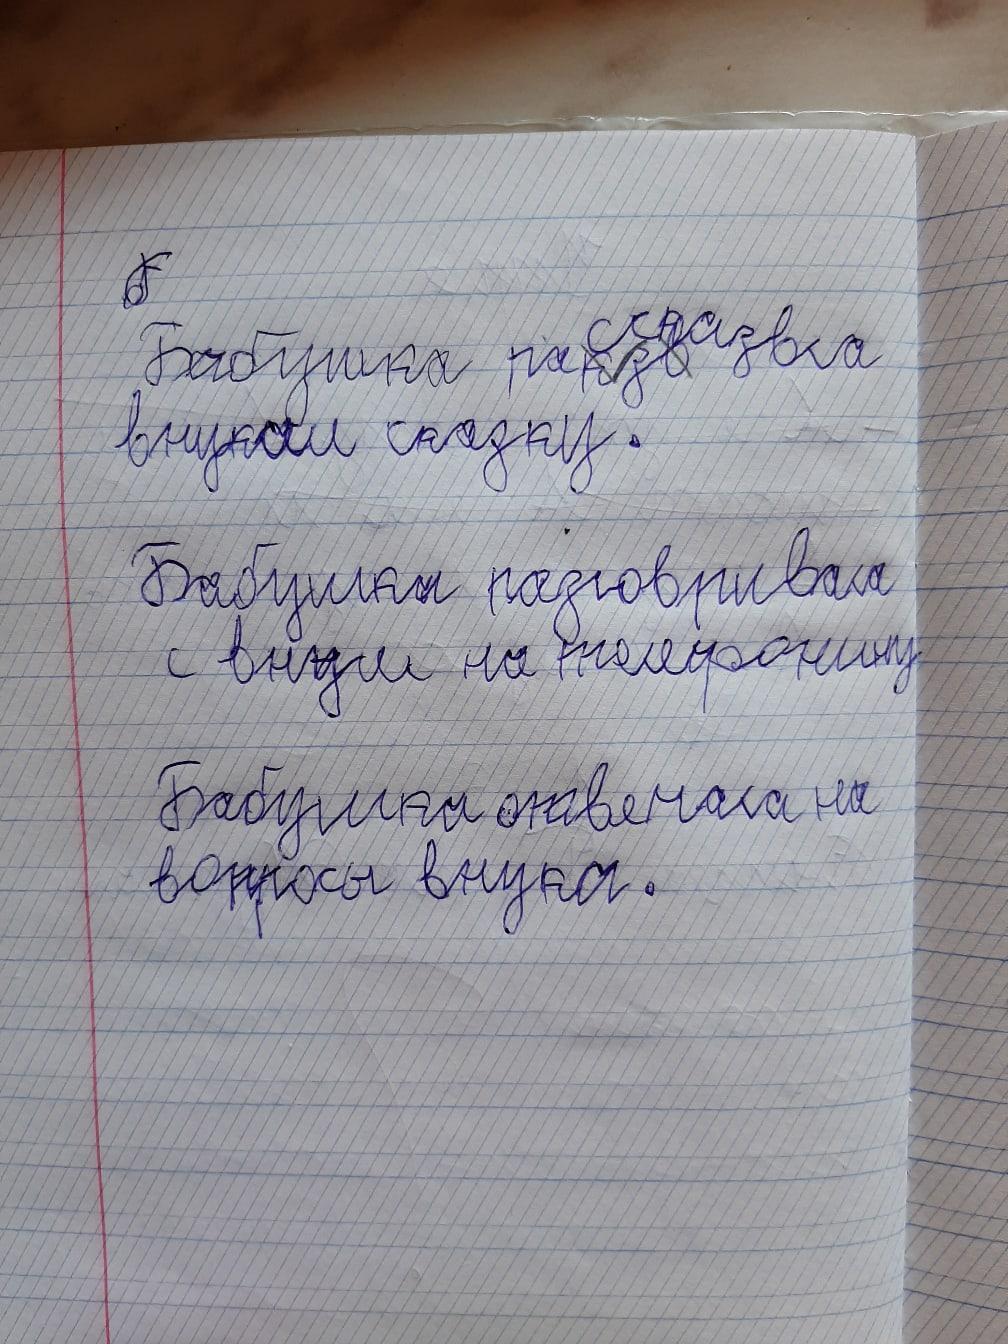 Здравствуйте! Работаю первый год, 1 класс. Ребенок пишет вот так. Такой результат письма в марте. Что с этим делать (нап